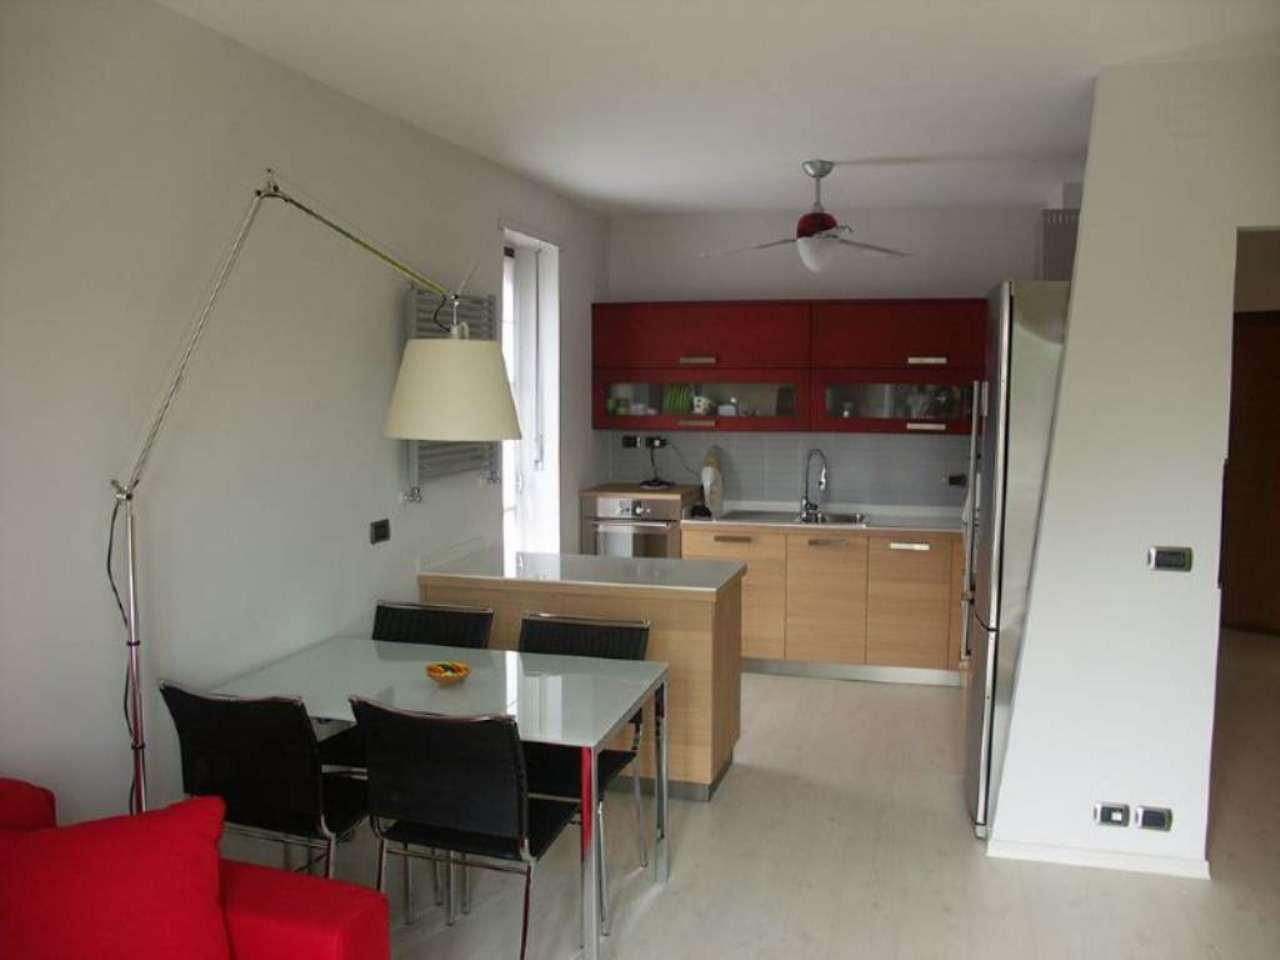 Appartamento in vendita a Montafia, 4 locali, prezzo € 73.000 | CambioCasa.it